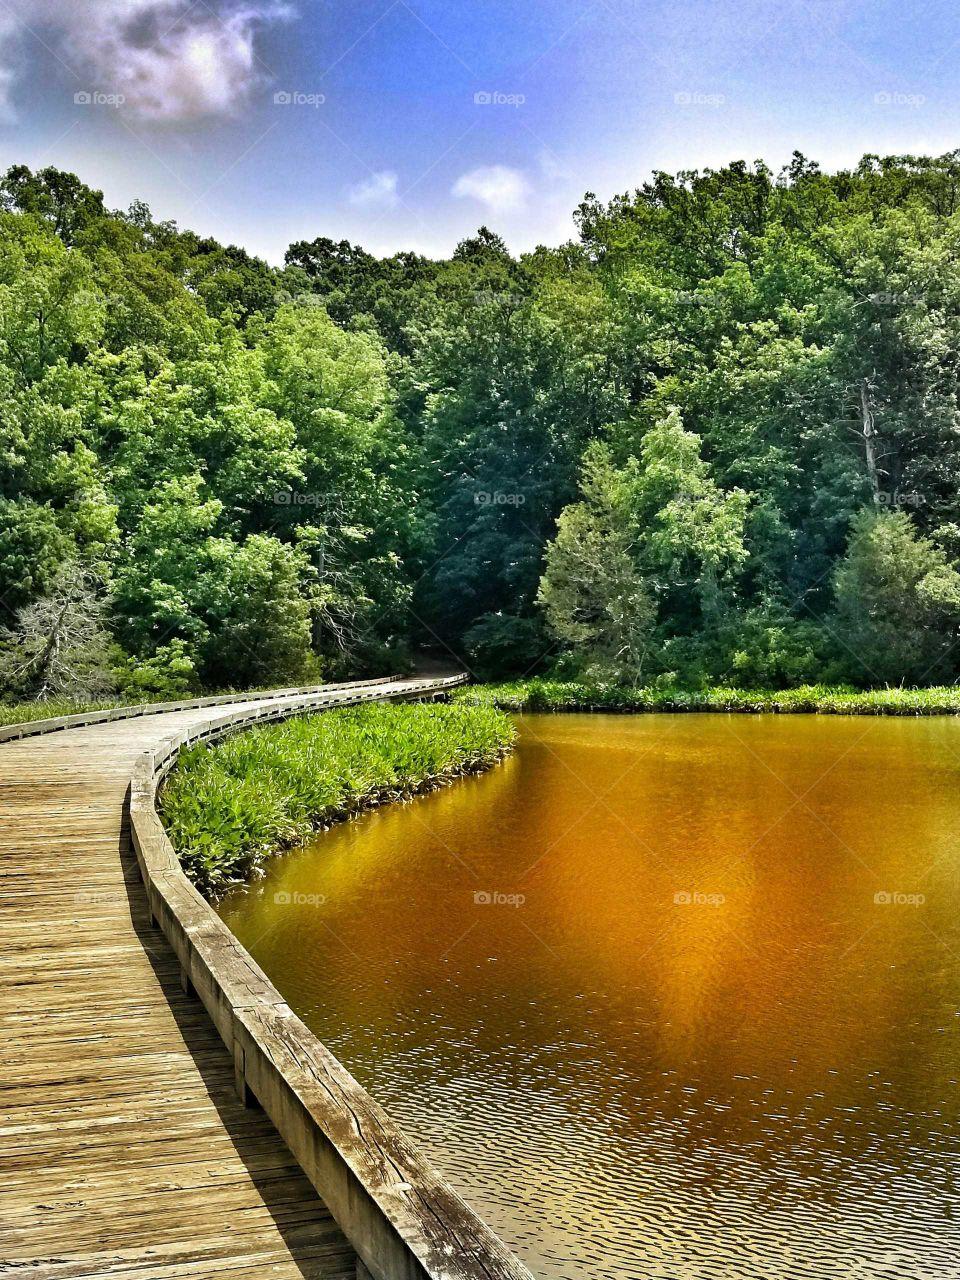 a bridge path